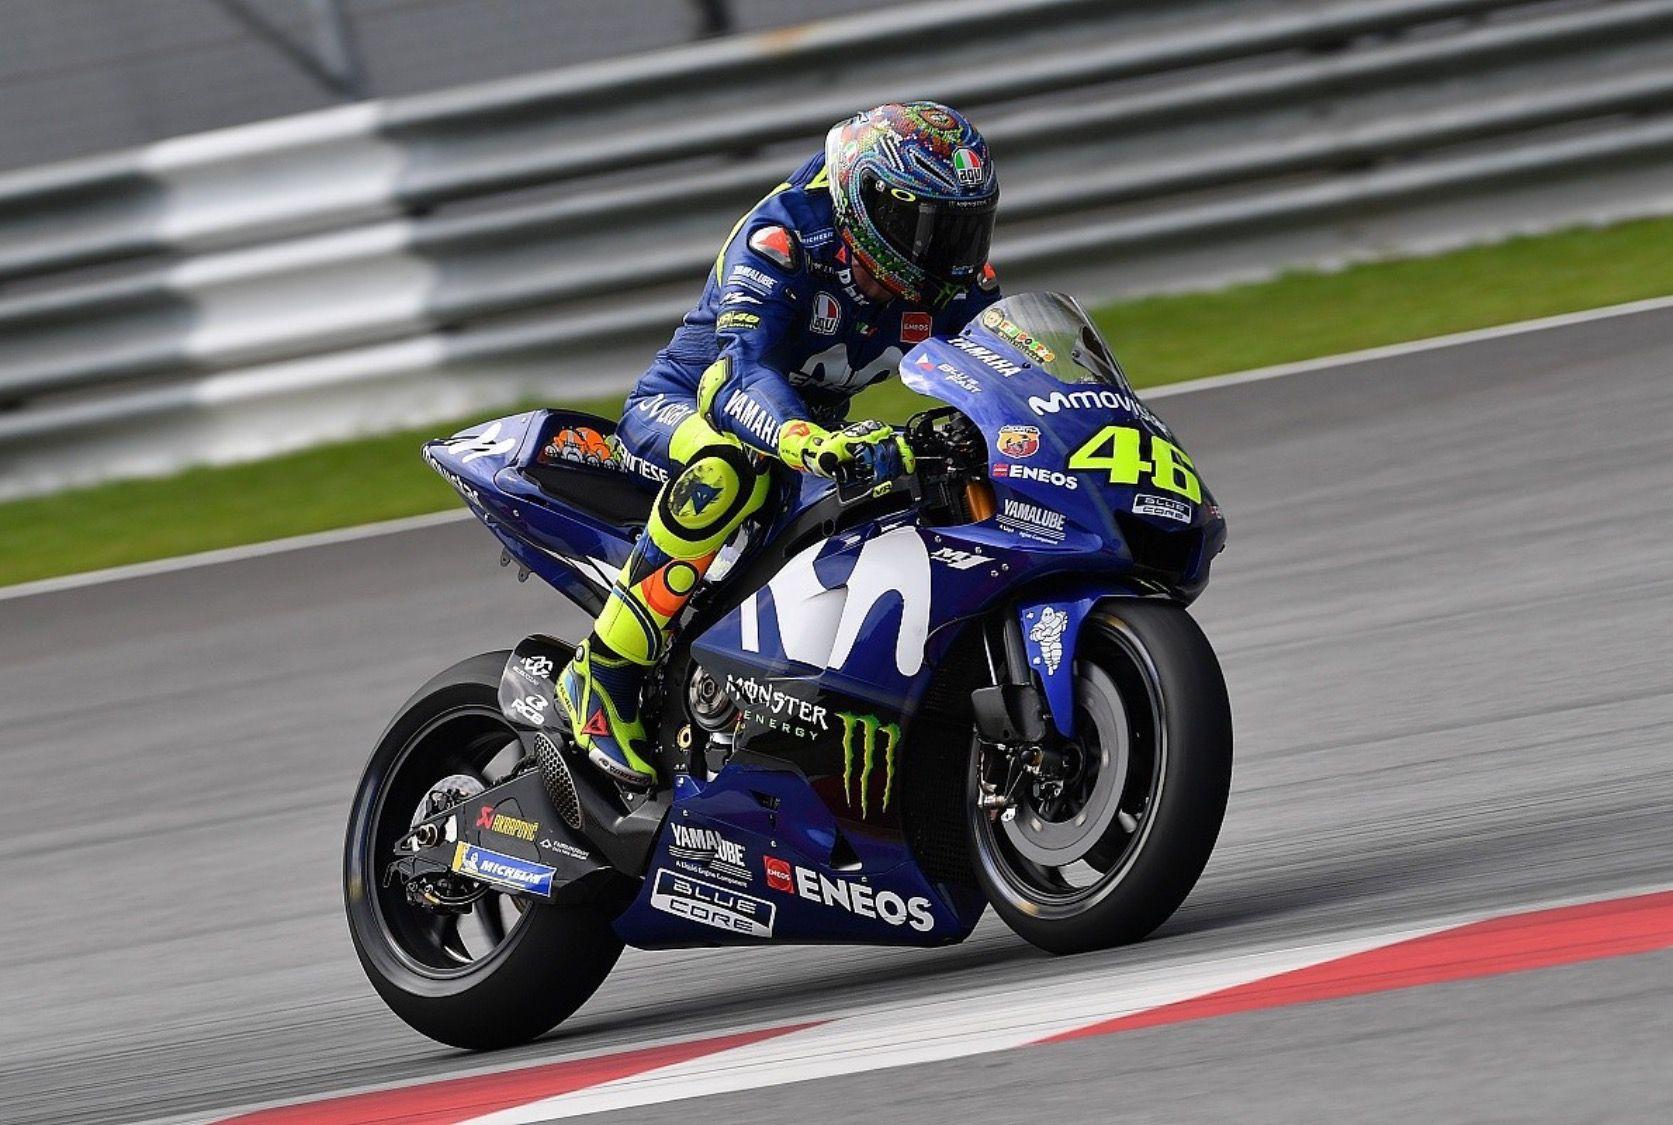 Beli Oli Yamalube, Bisa Ikutan Nonton MotoGP Jepang dan Malaysia Gratis!